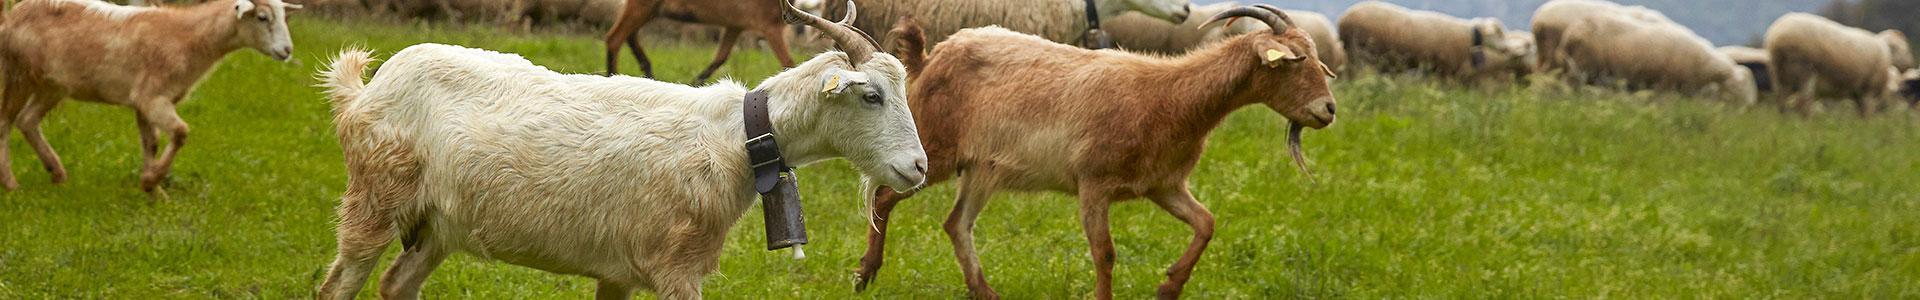 الماعز